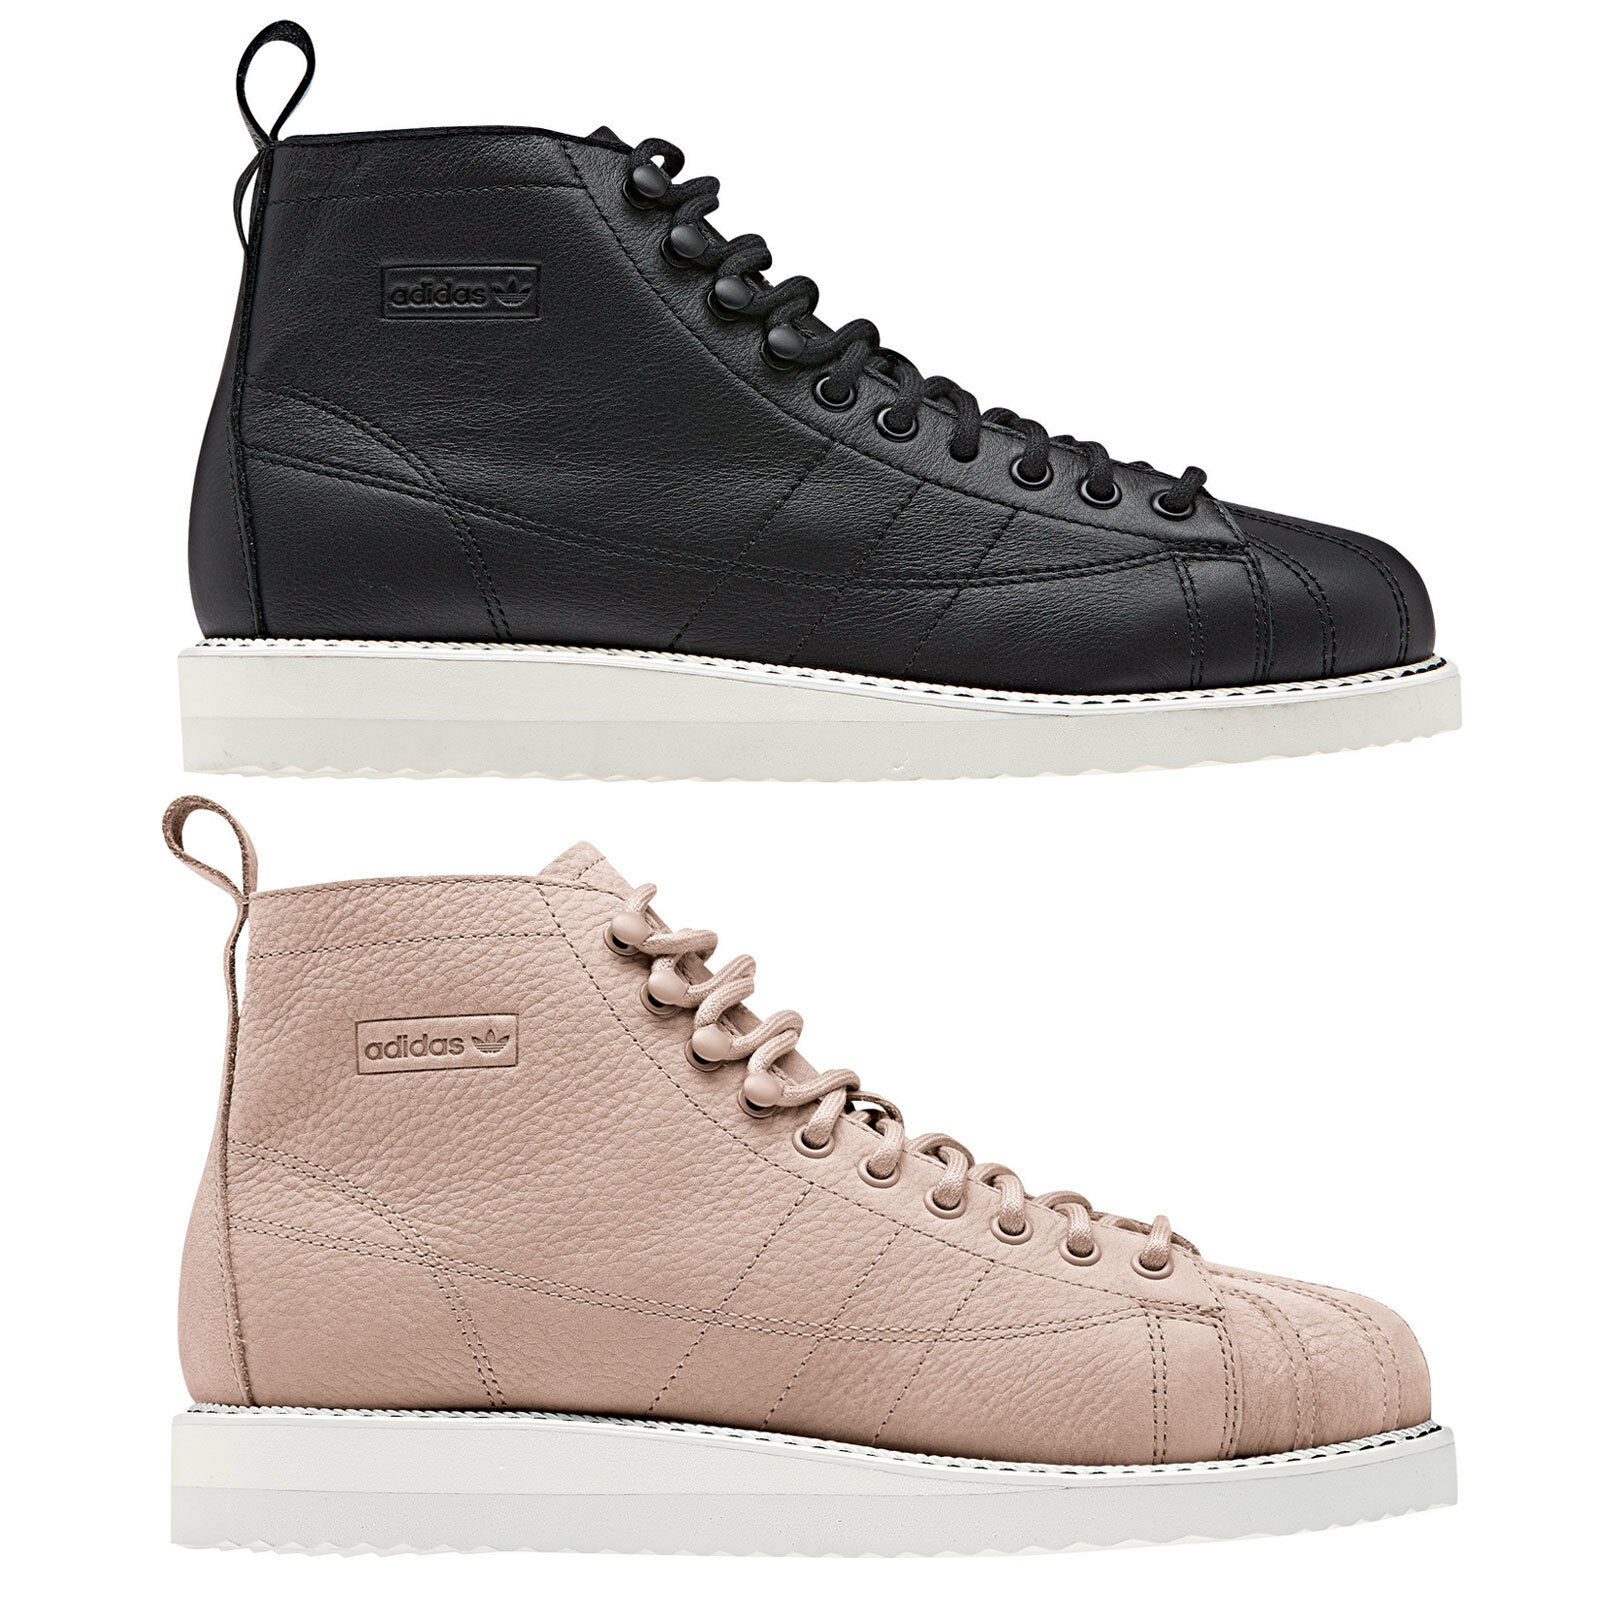 ADIDAS ORIGINALS superstar bota bota bota señora invierno zapatos botas de invierno nuevo schnürzapatos  autorización oficial